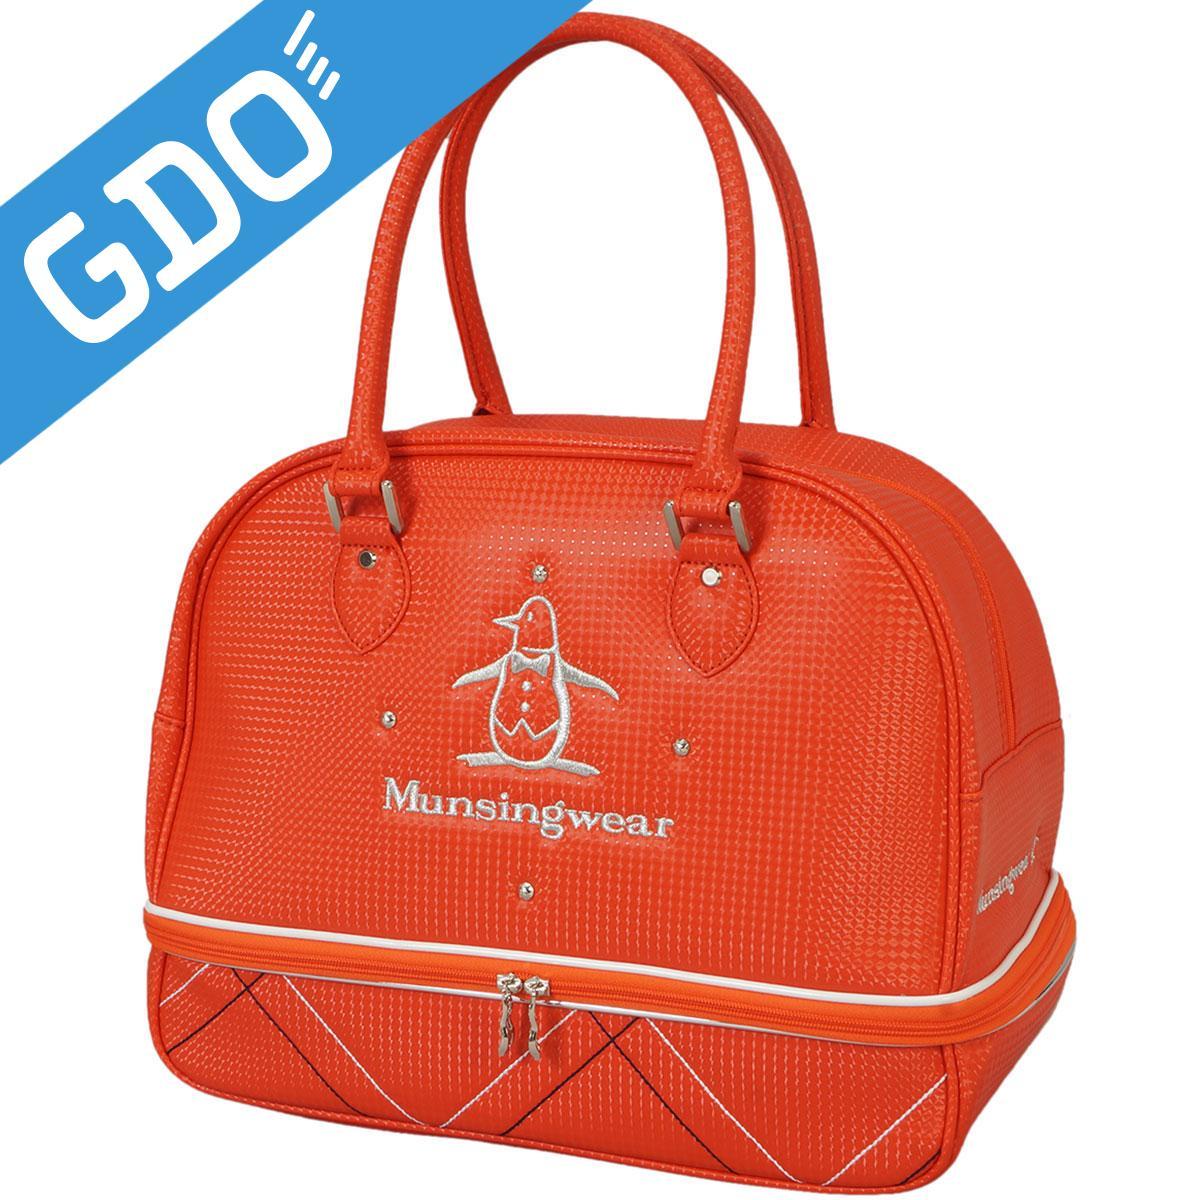 マンシングウェア Munsingwear ボストンバッグ LQ2178 レディス[ゴルフ用品 GOLF GDO レディース 女性用 ボストン ボストンバック レディースボストンバック バッグ バック ゴルフバッグ ゴルフボストンバック]